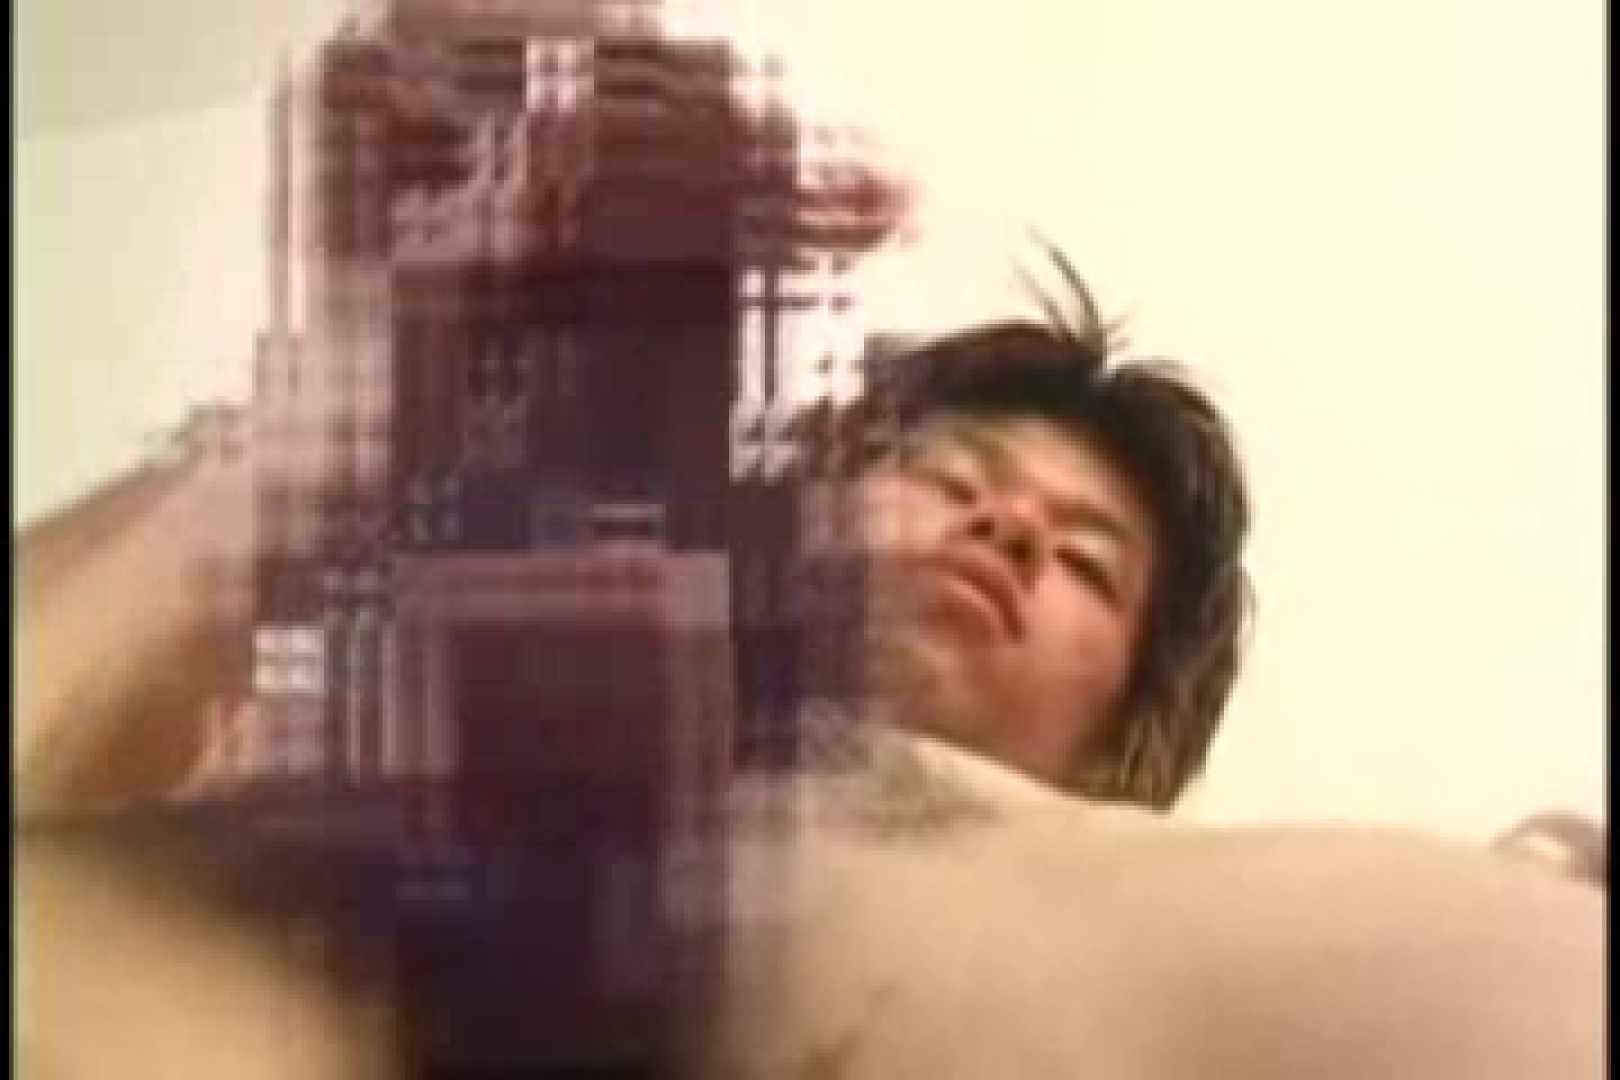 ノンケ限定!!カメラの前でオナニーしてみー!! 手淫 AV動画 90枚 8